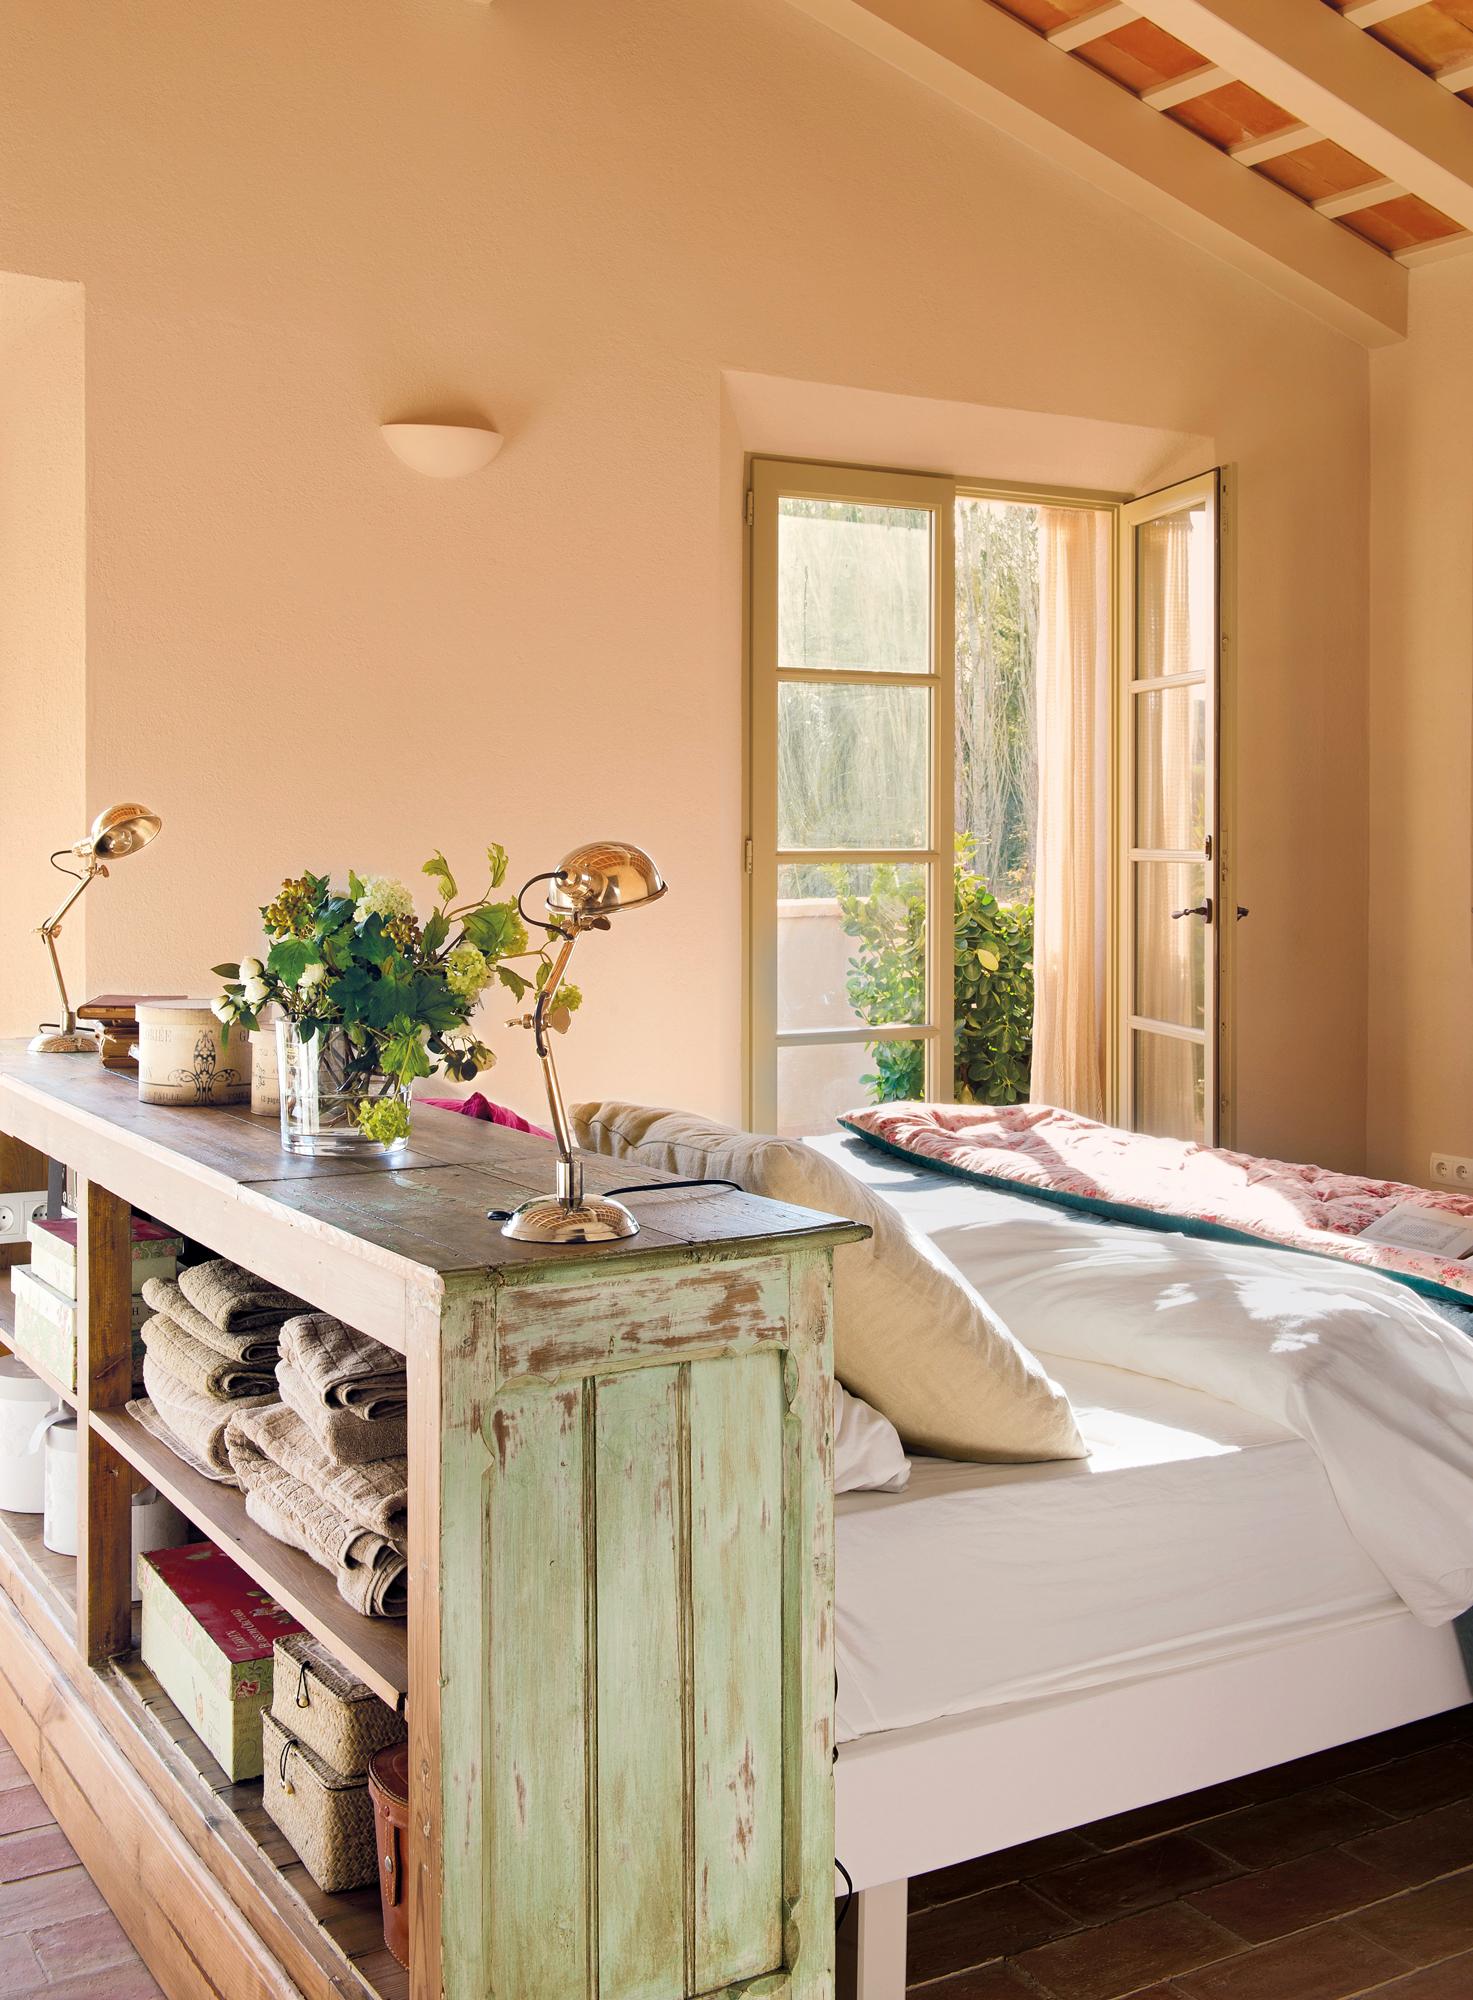 Muebles vers tiles con doble funci n ideales para espacios for Mueble que se hace cama